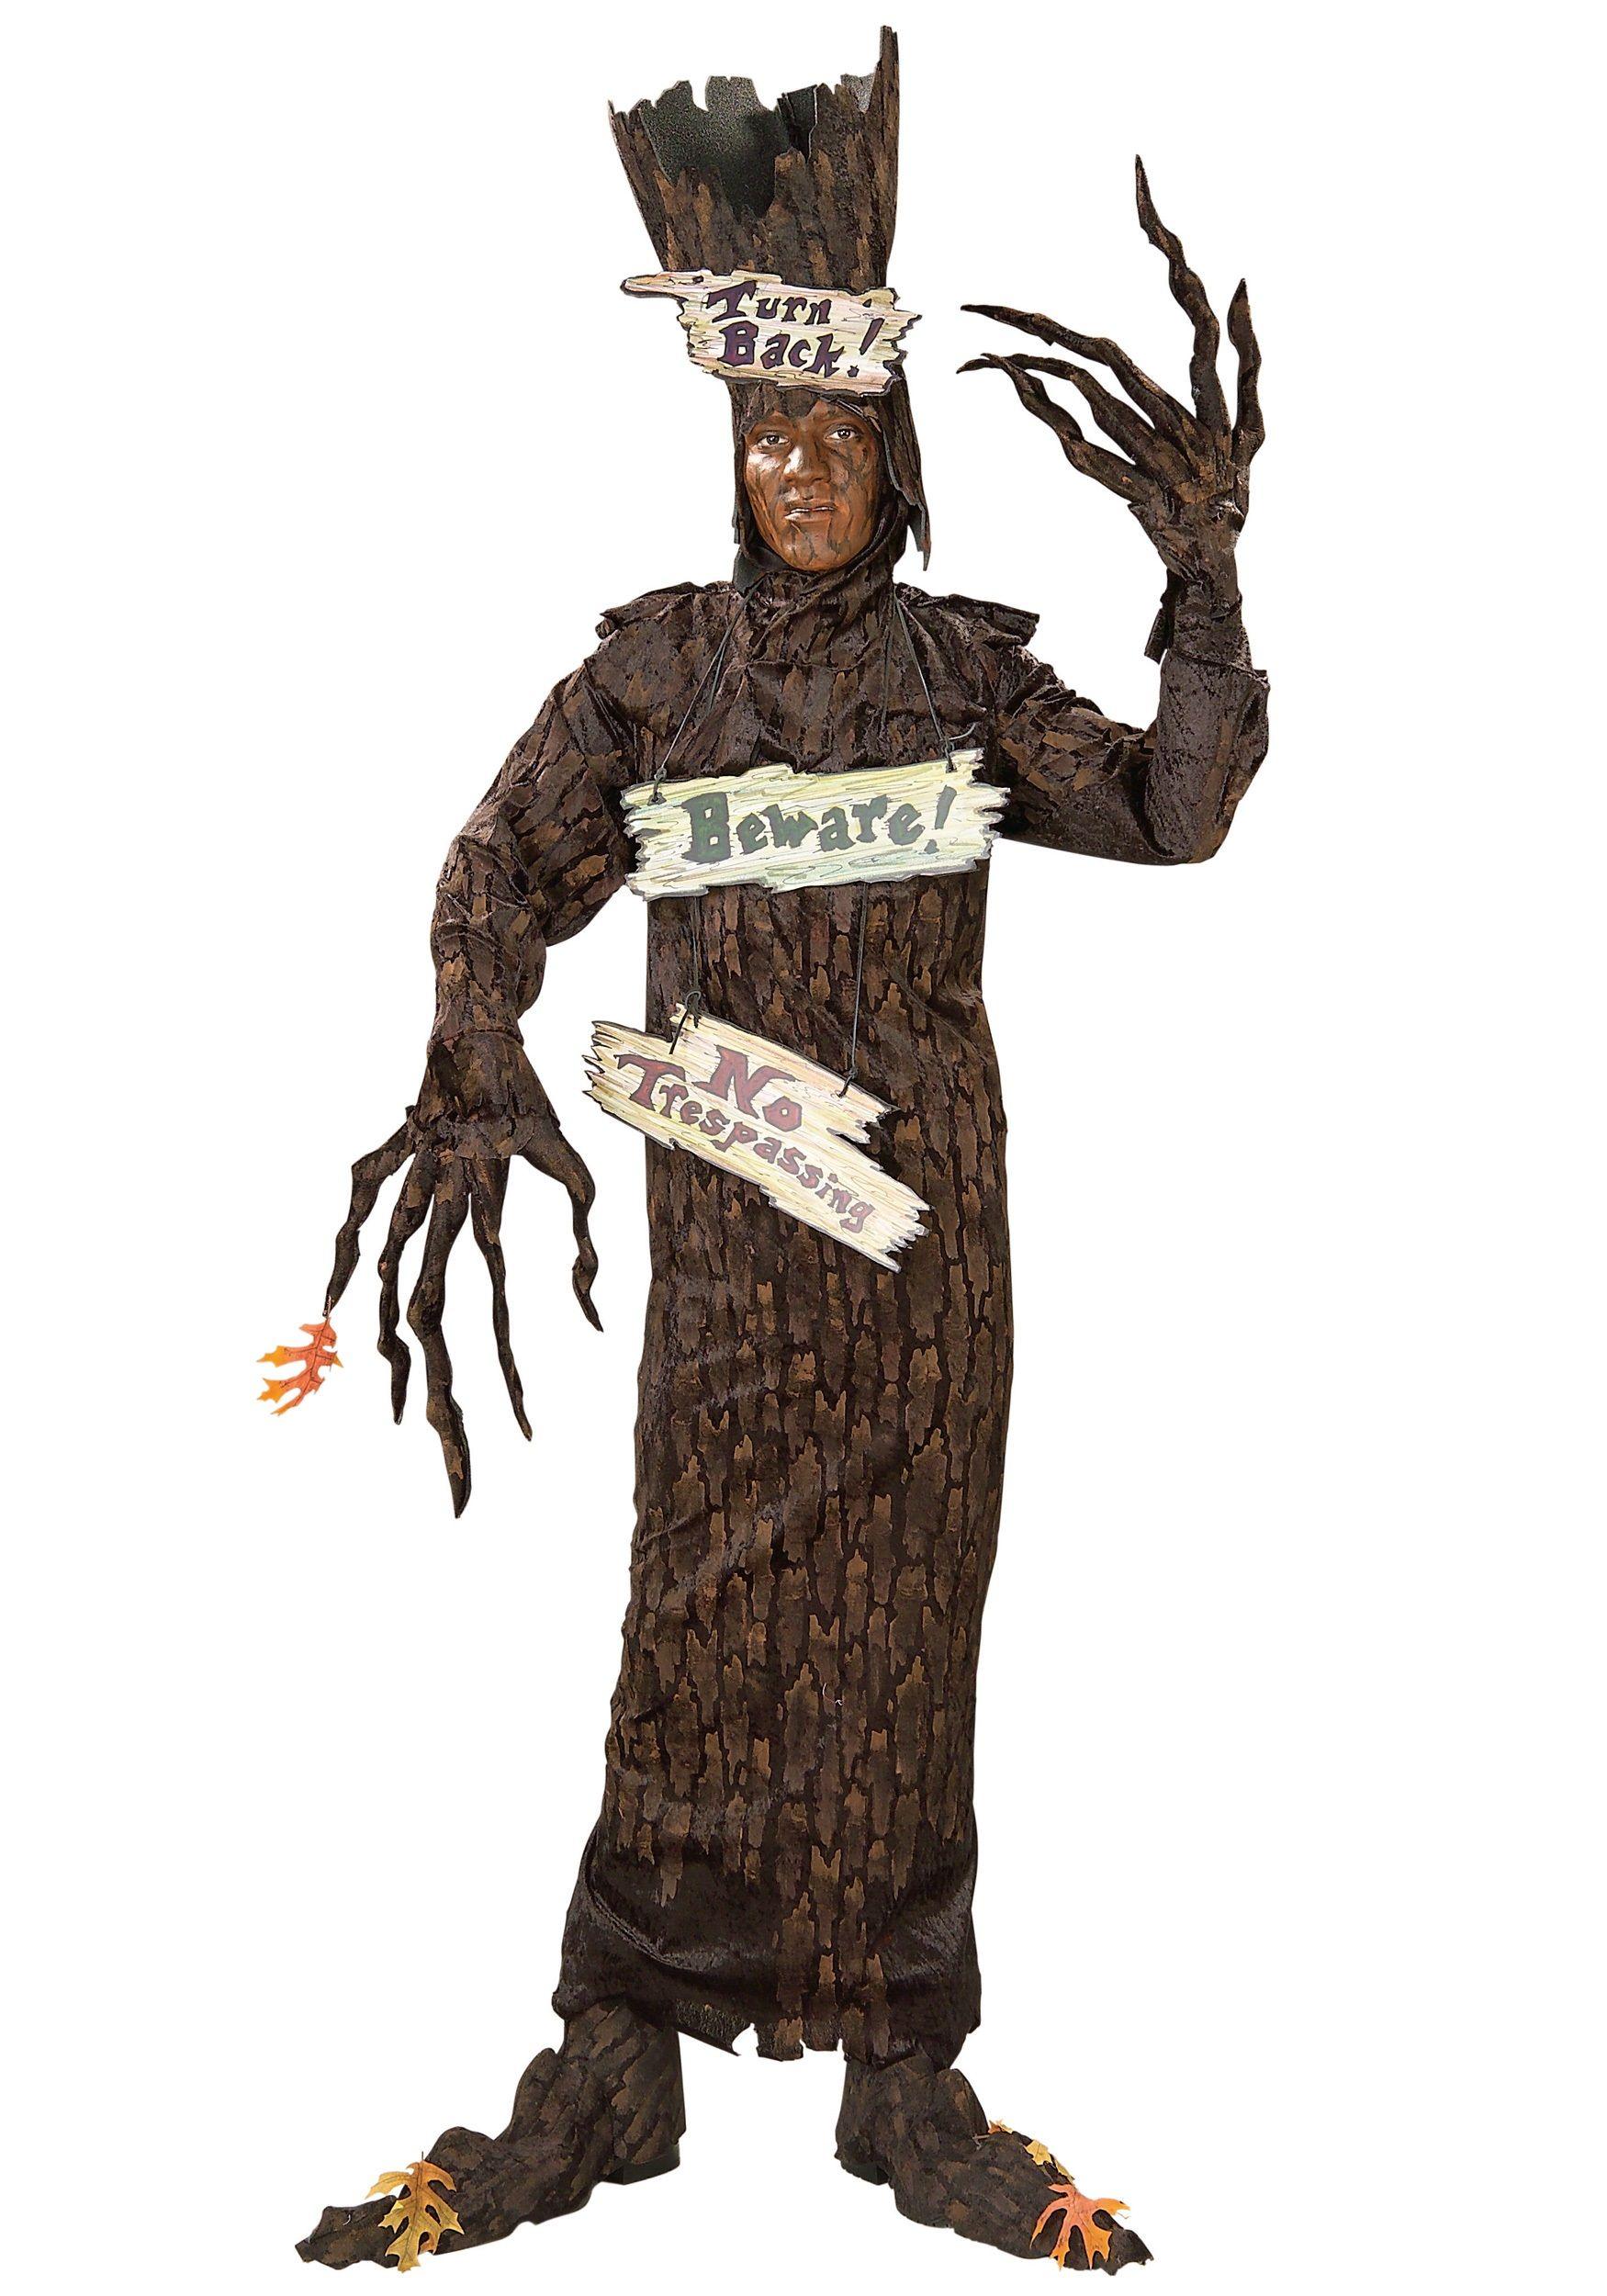 wizard of oz costume ideas - Google Search | Drama/Children's ...